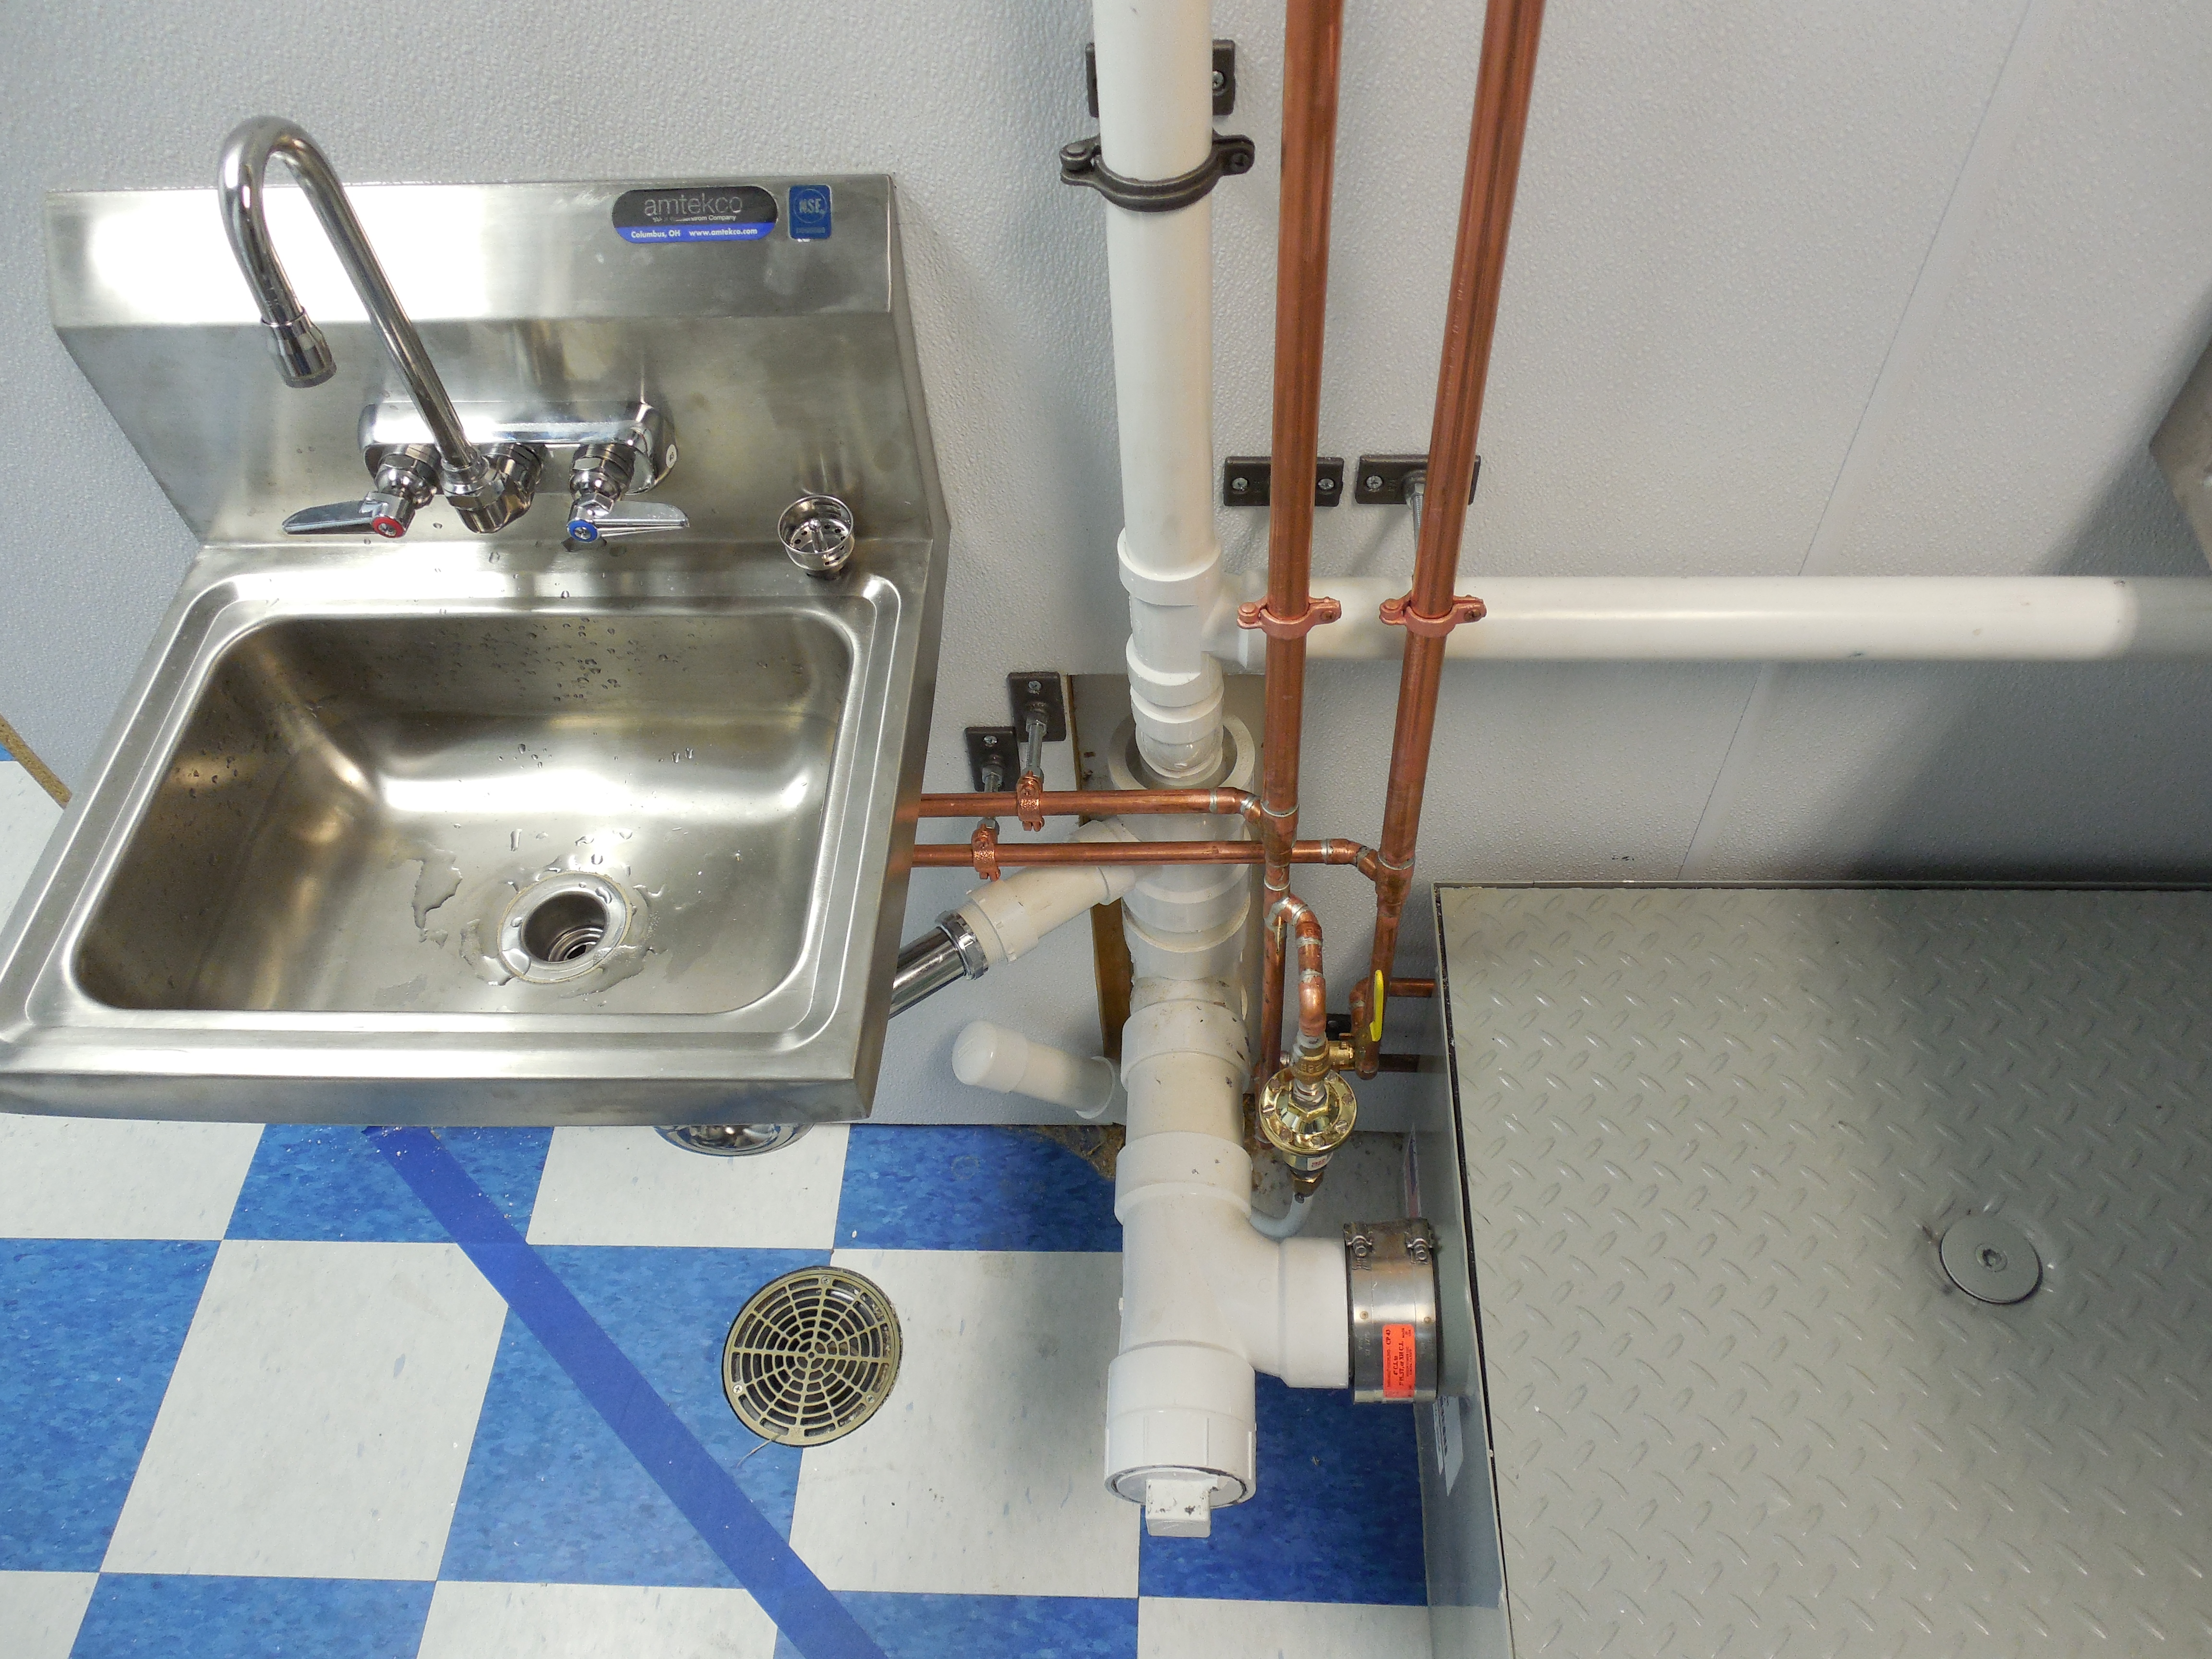 Sinks, Faucets, Toilets & Fixtures   Roger Storer Plumbing ...